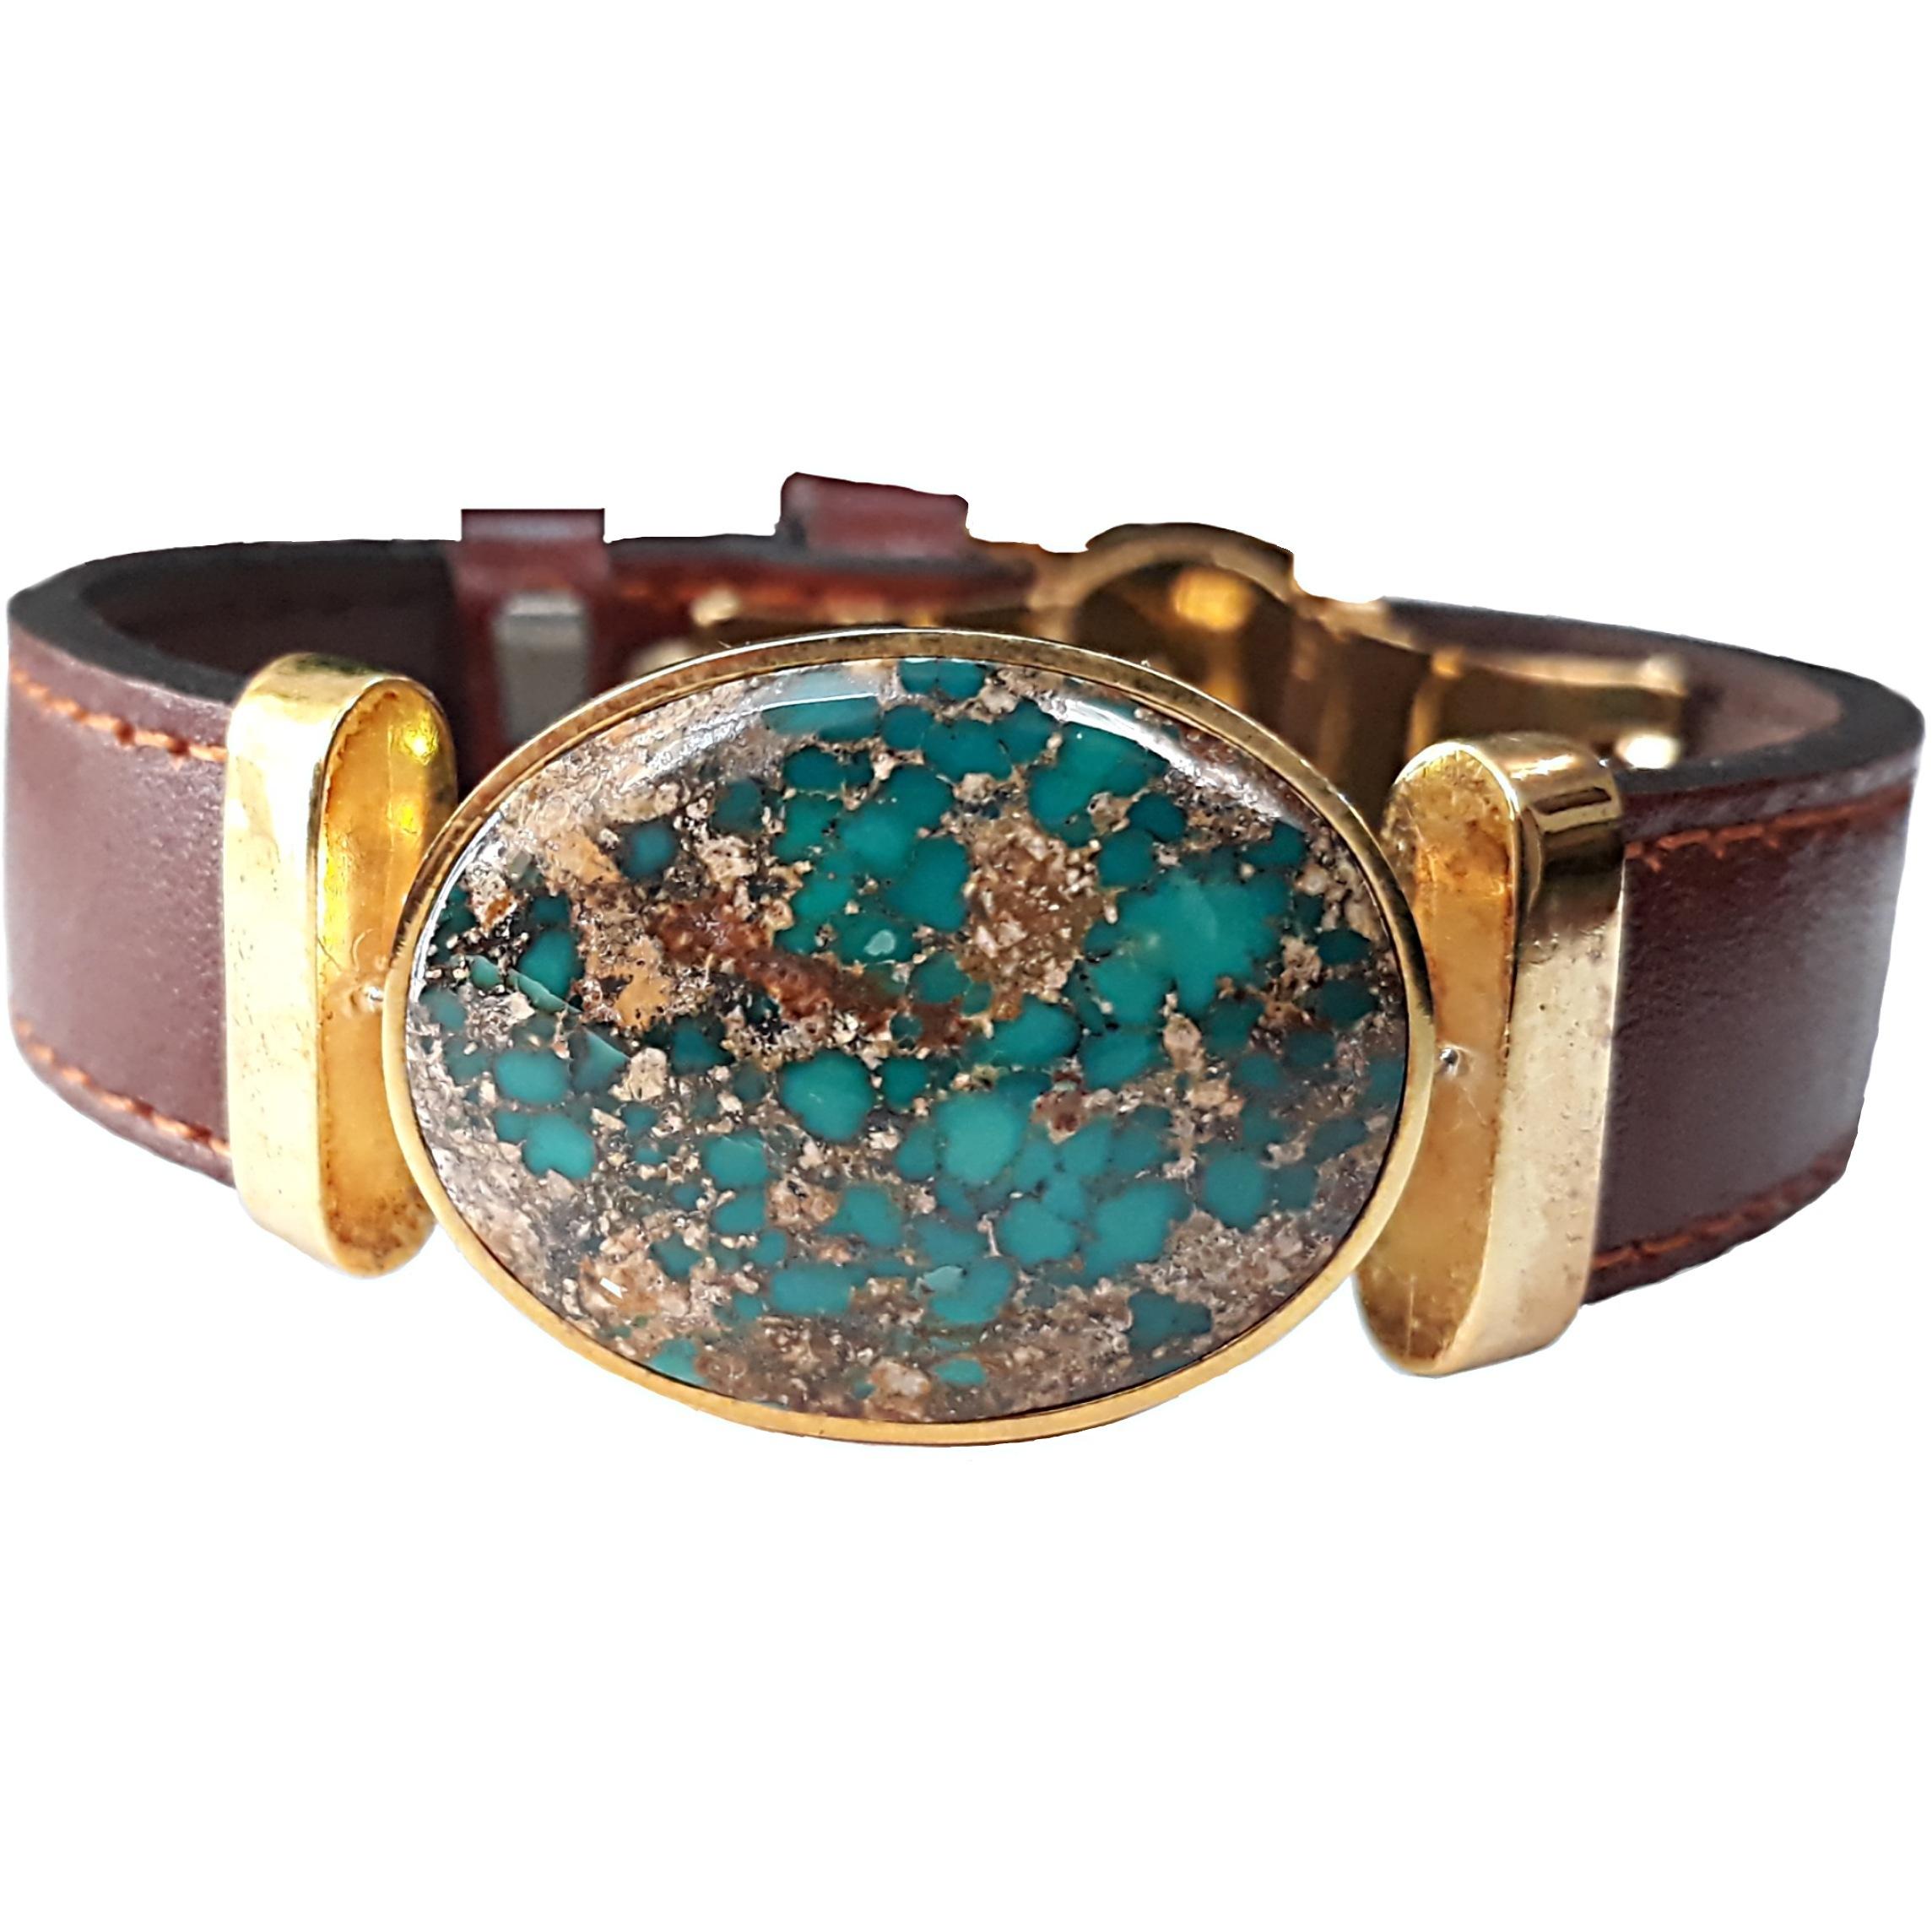 دستبند نقره مدل ۱۱۲